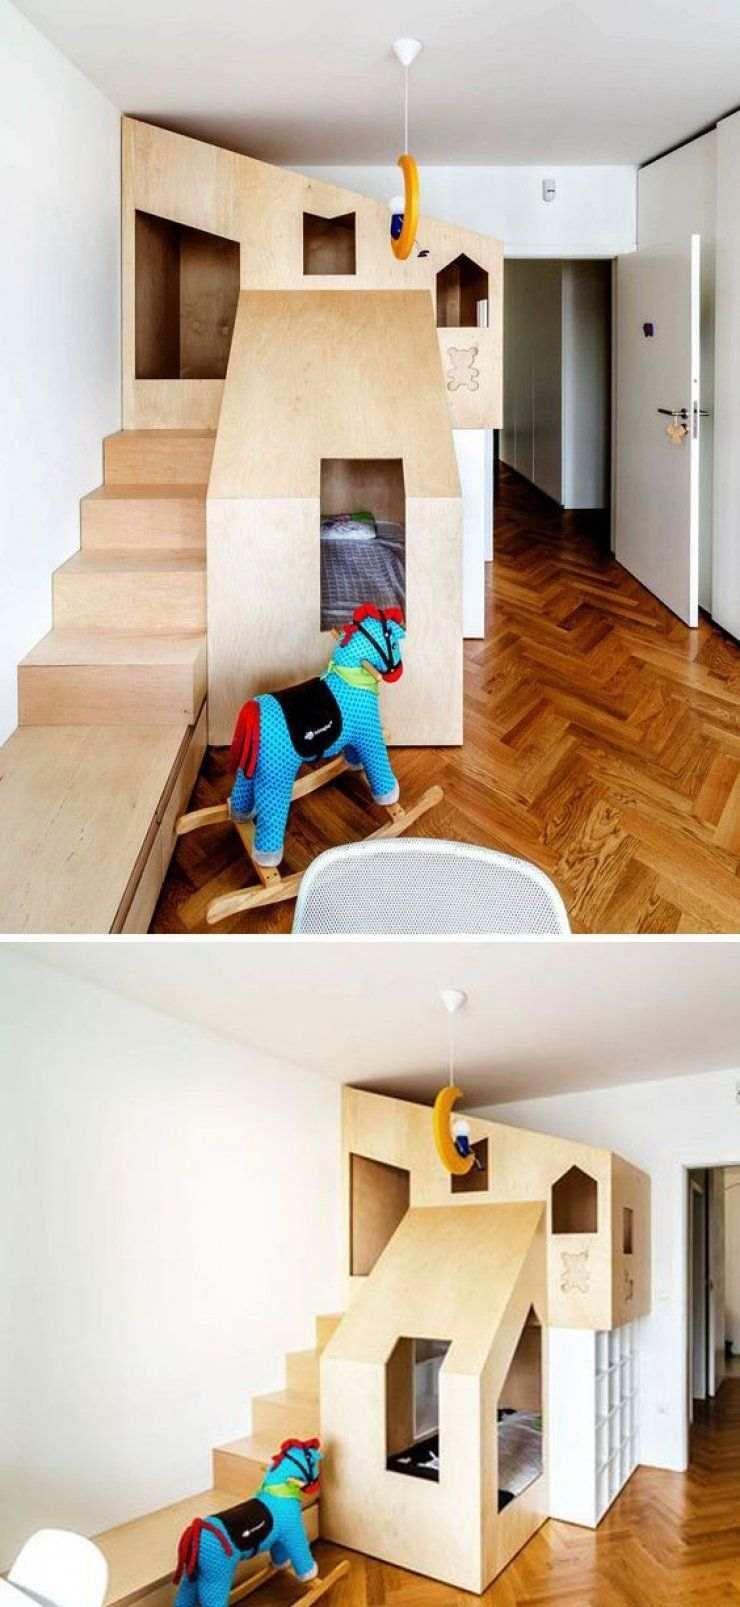 chambre enfant moderne lit cabane bois cheval bascule. Black Bedroom Furniture Sets. Home Design Ideas